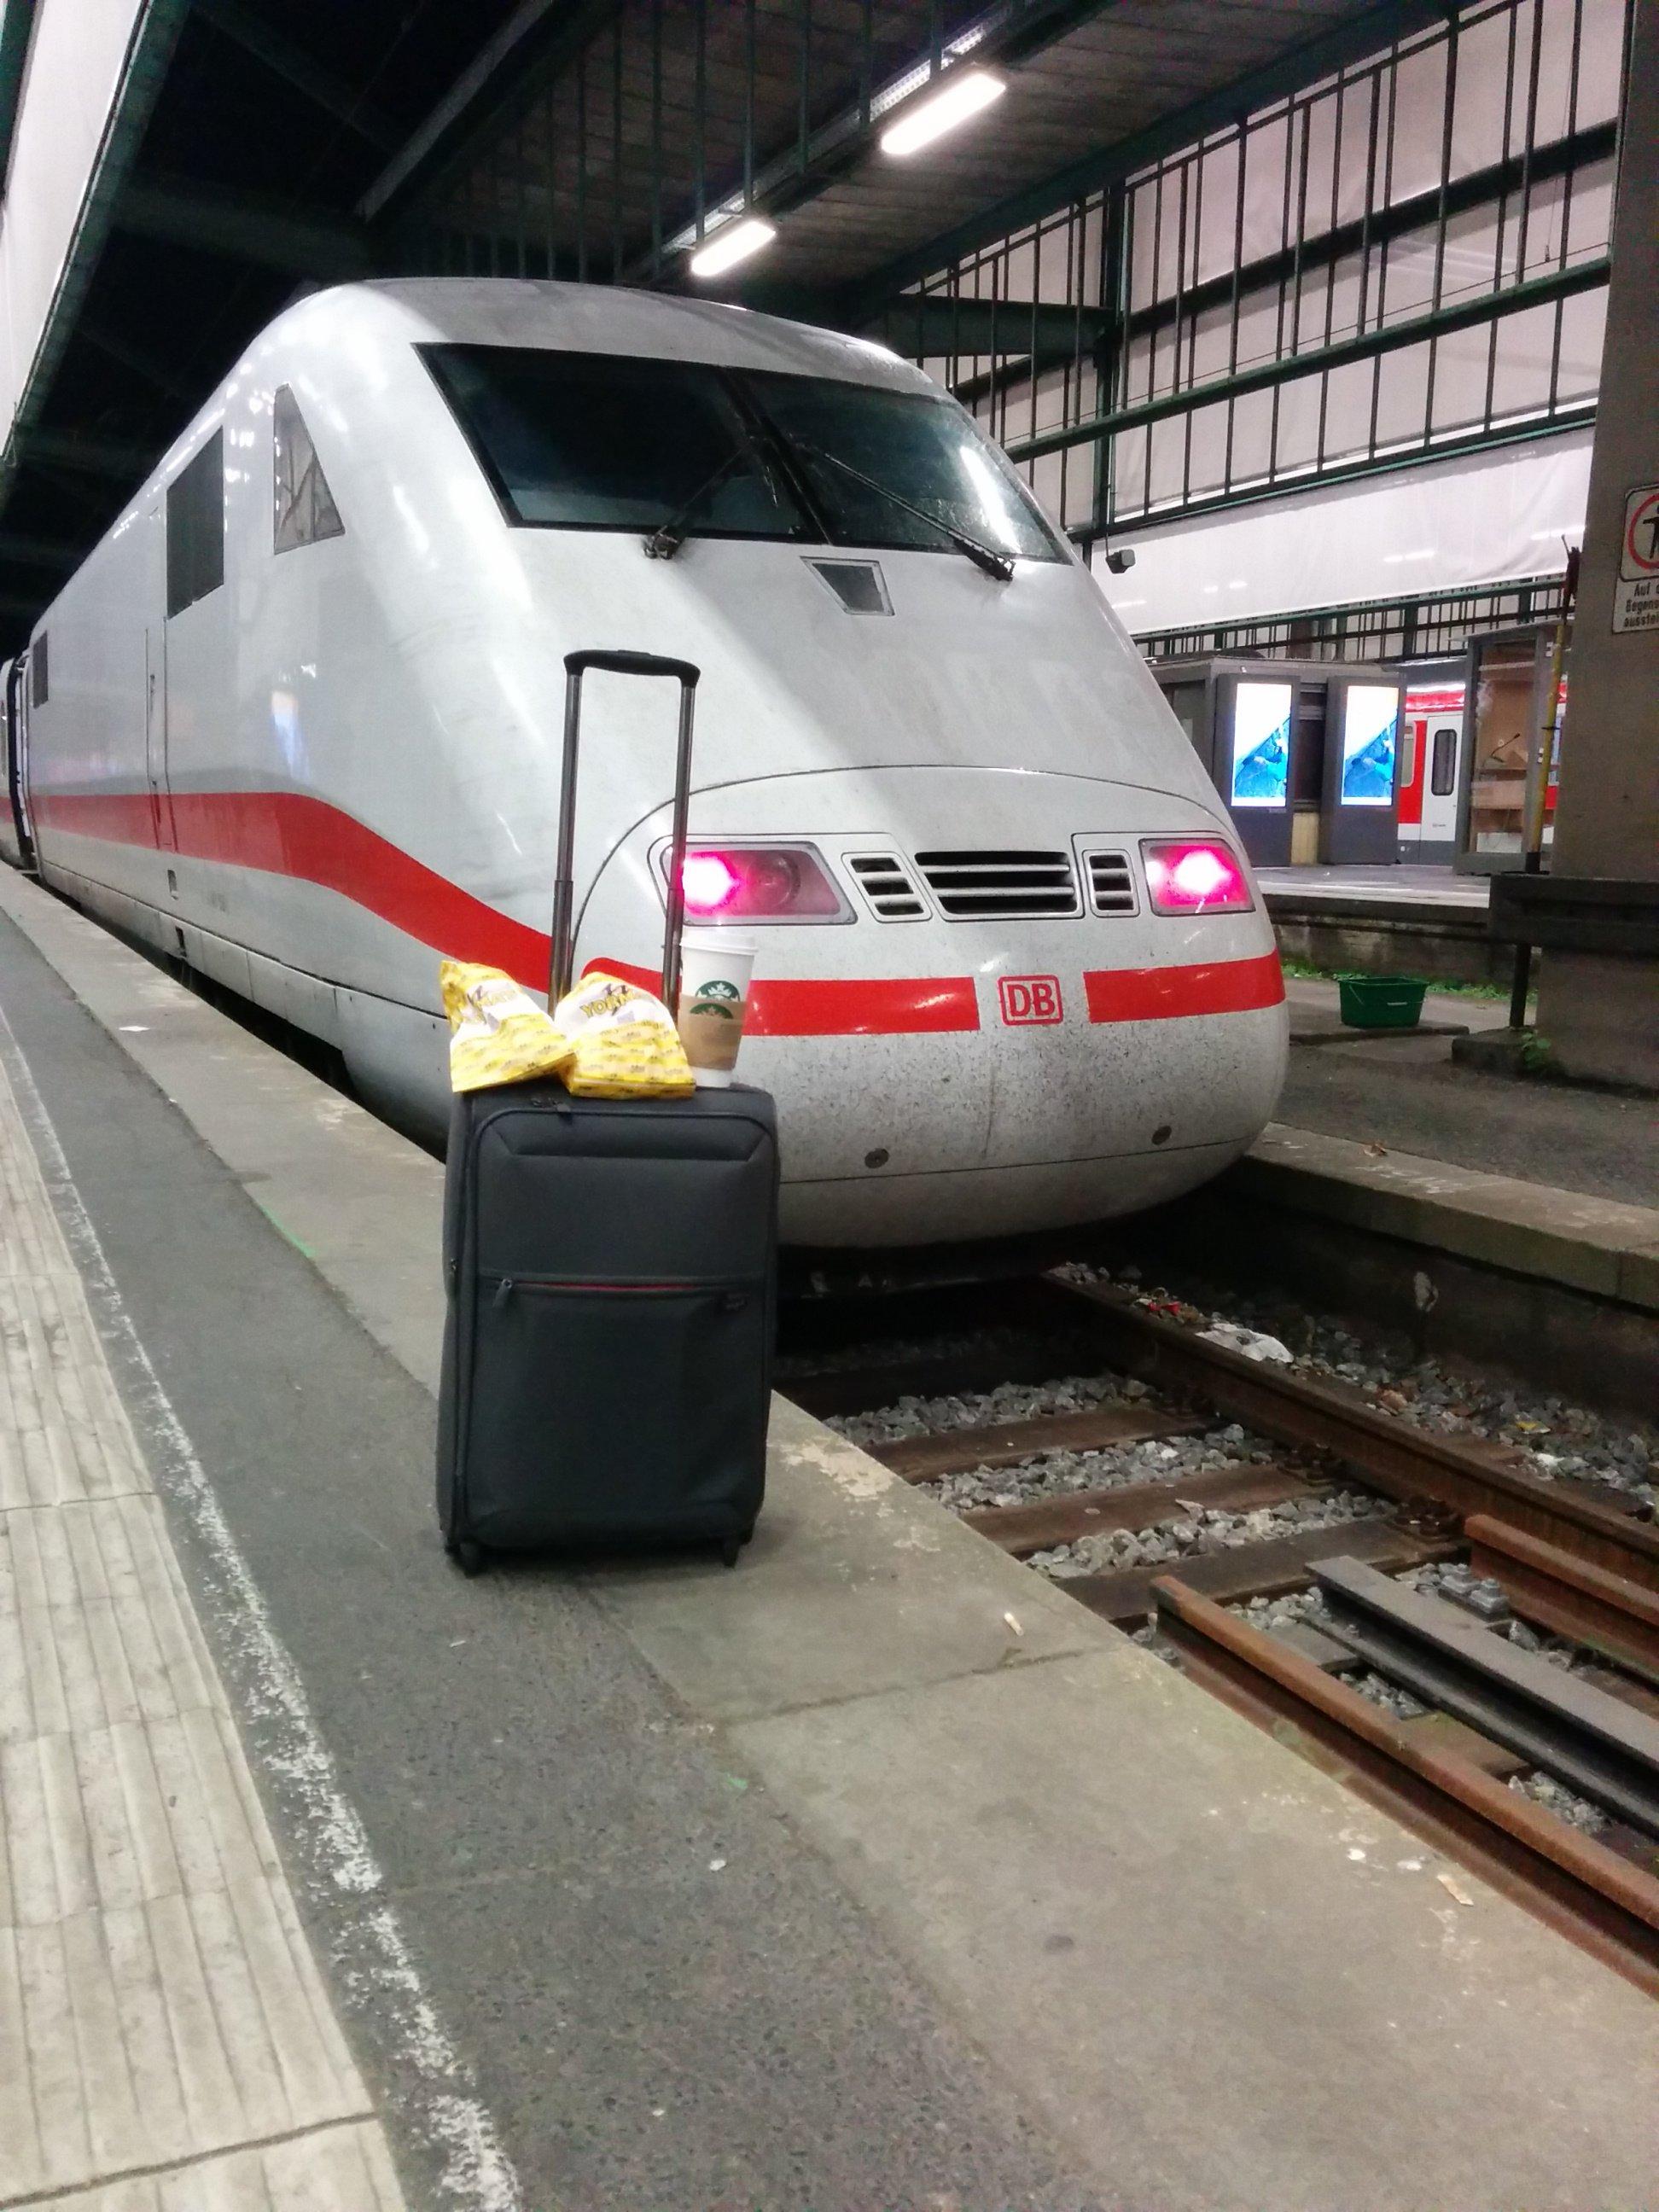 Mein Koffer auf Reisen mit meinem Lieblingsverkehrsmittel ;)